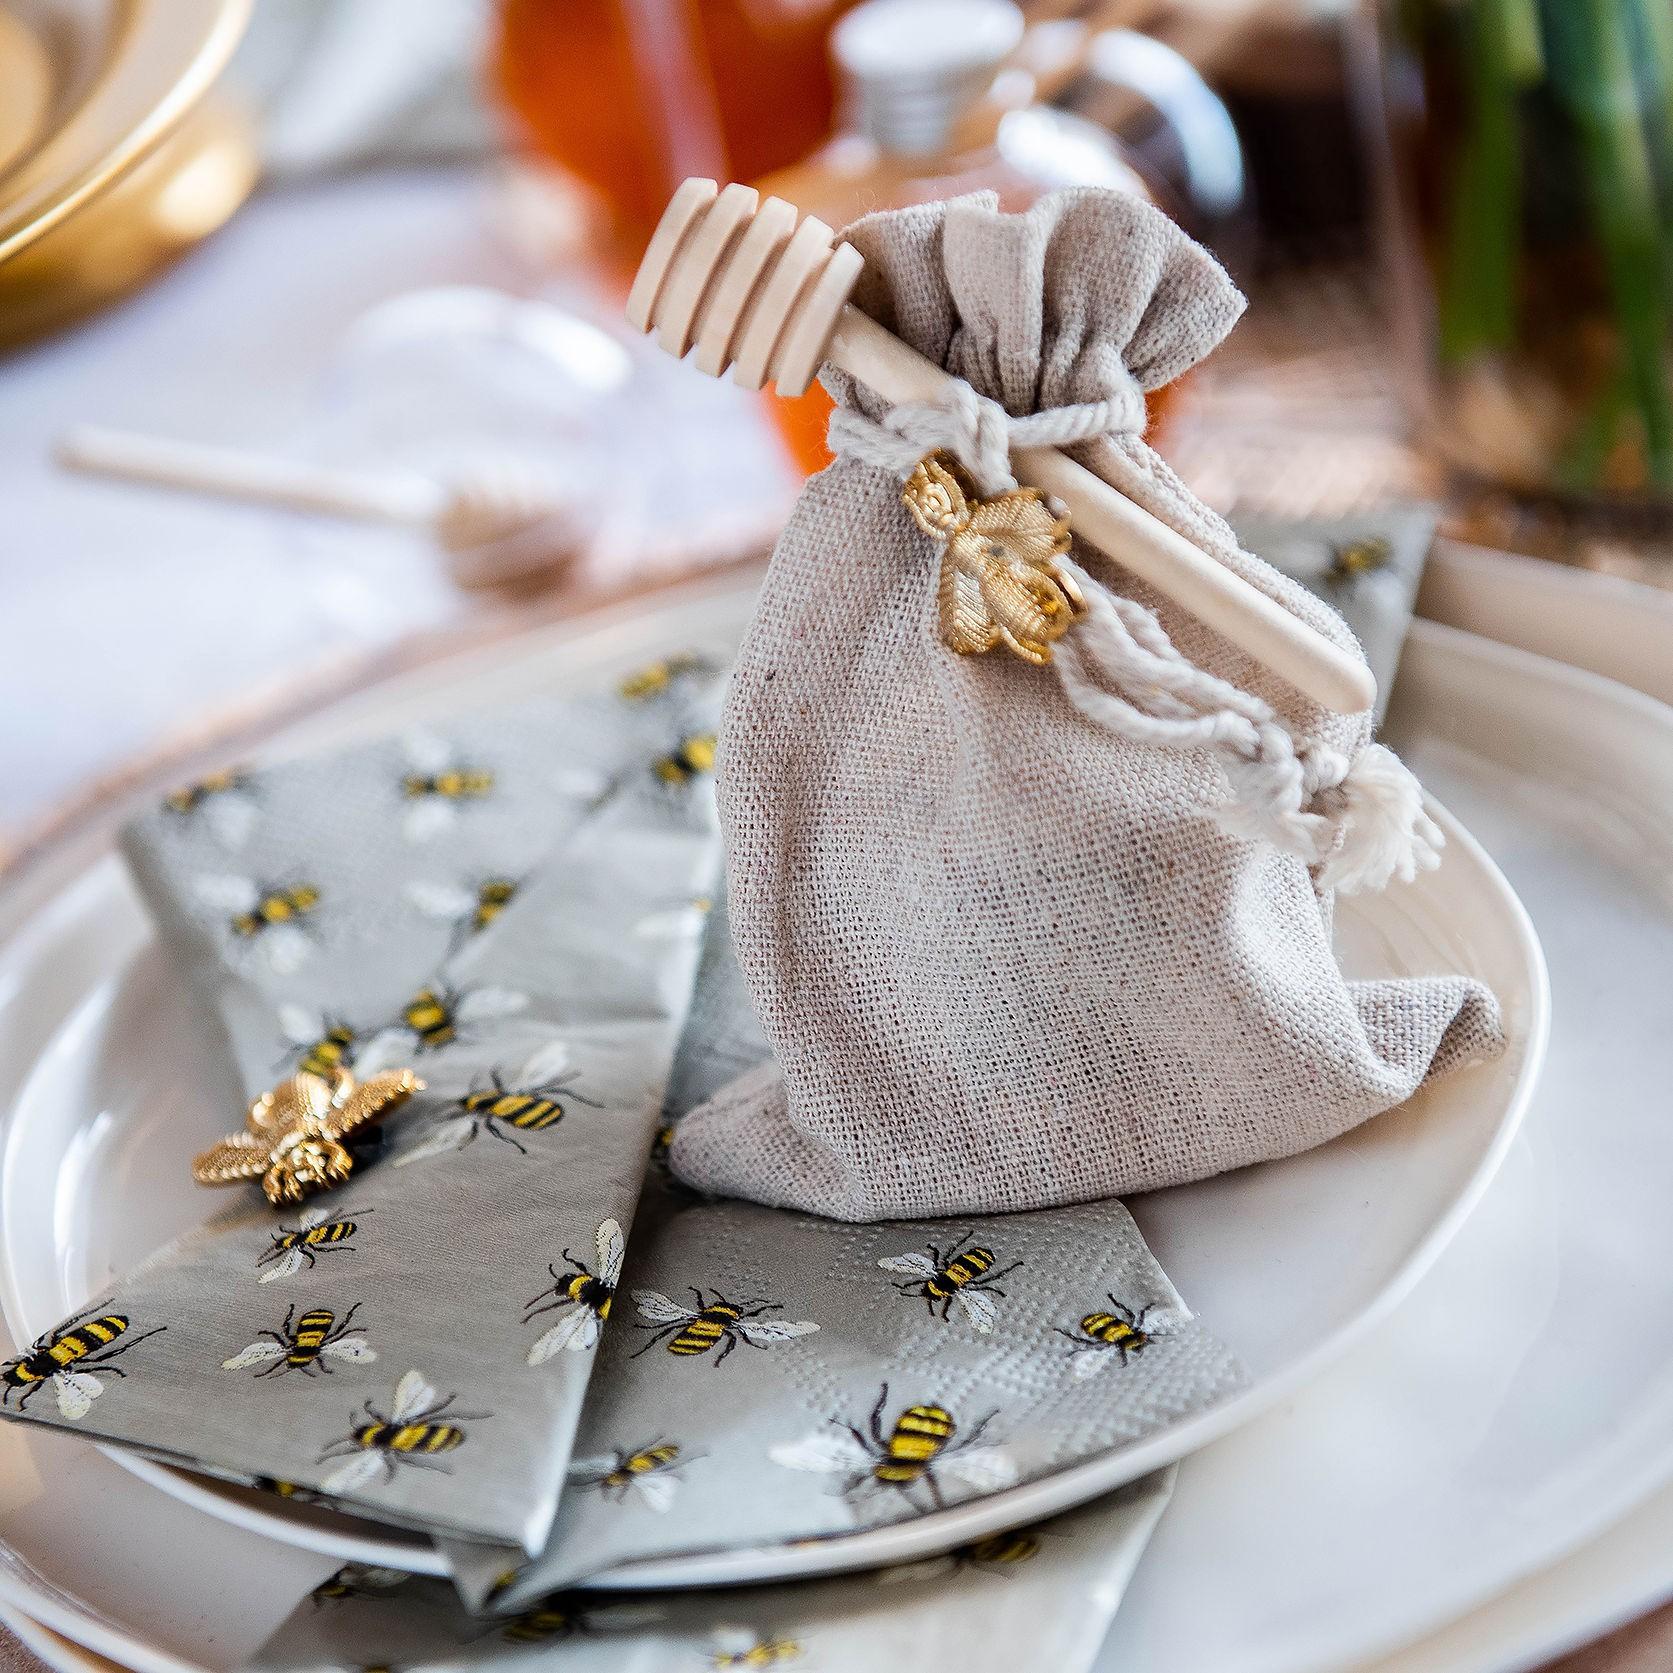 שקית בד יוטה אישית עם צנצנת דבש קטנה